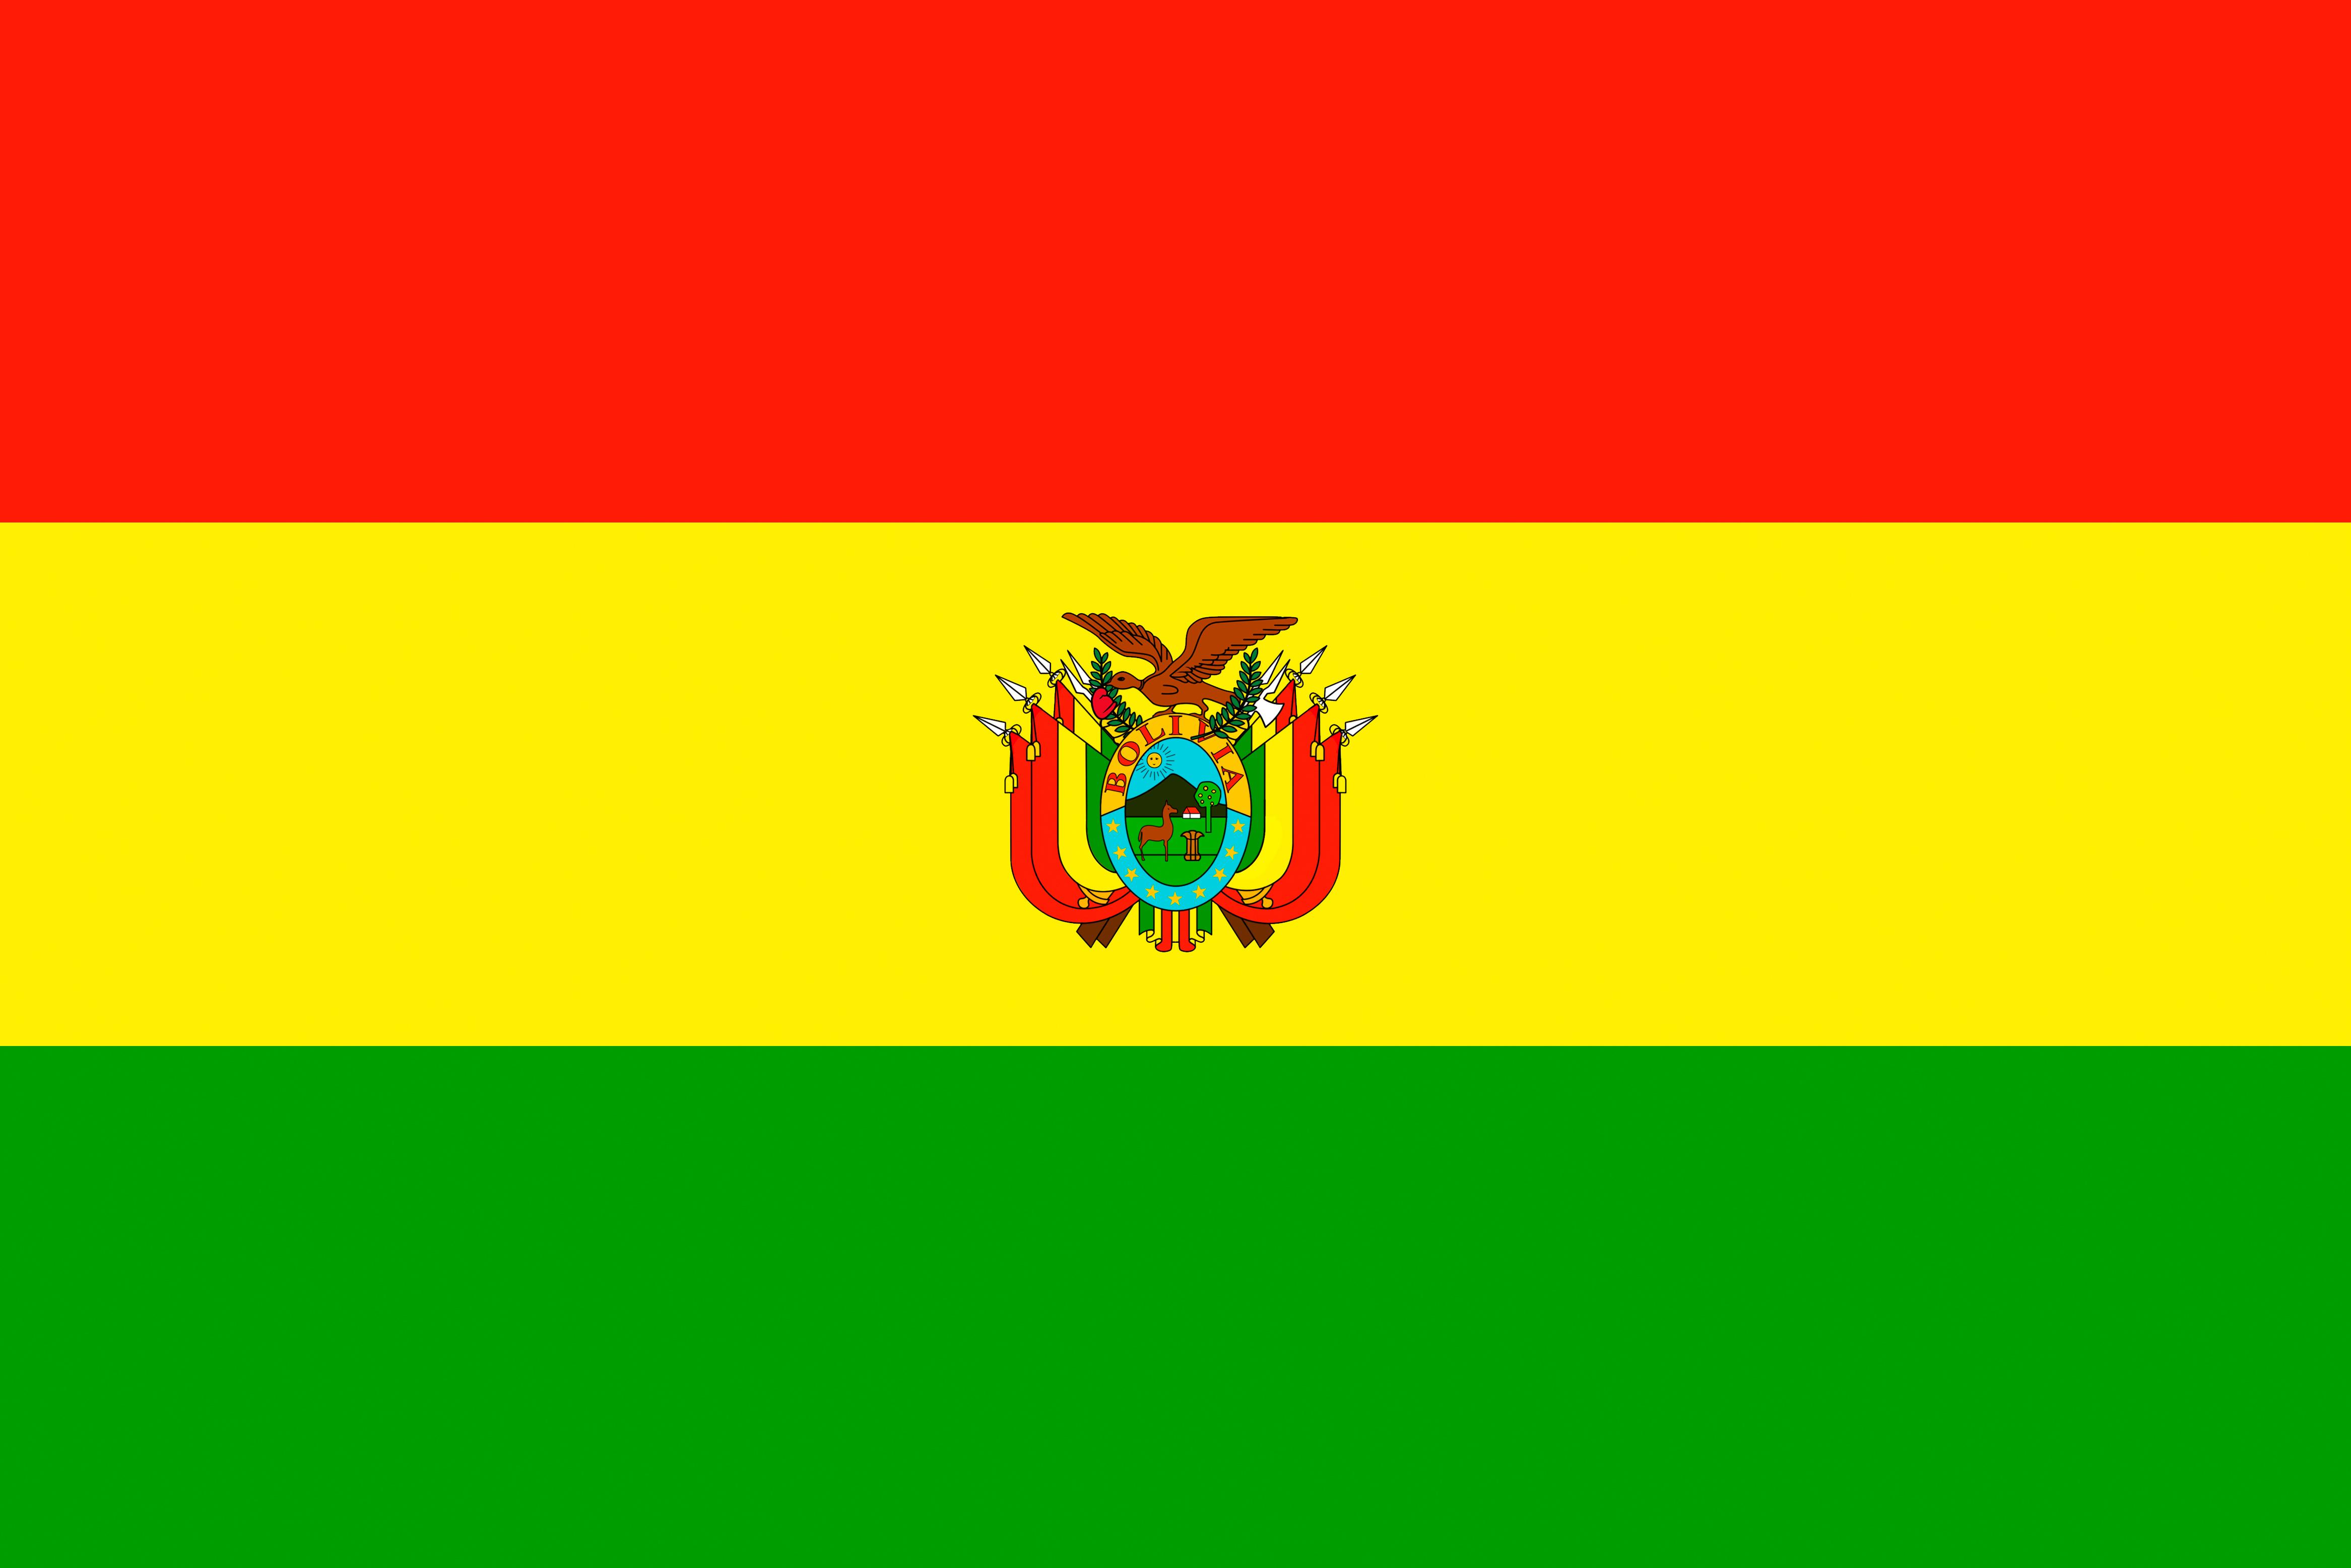 bandera-de-bolivia.jpg